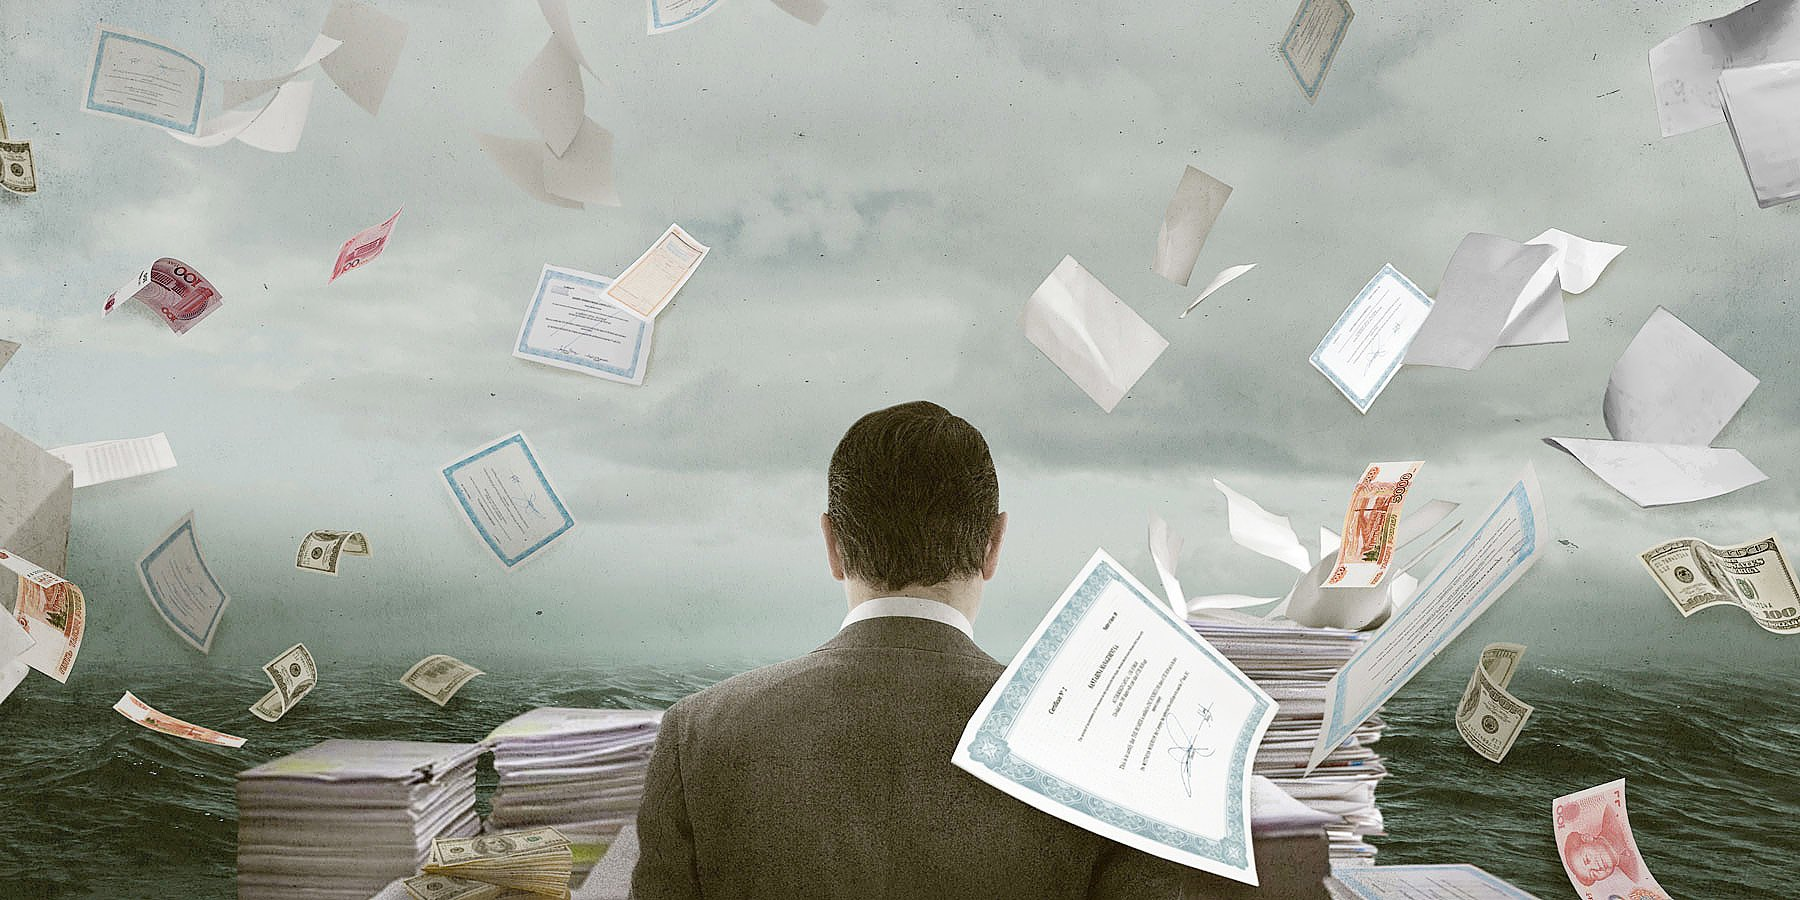 今年初「國際調查記者同盟」(ICIJ)發佈「巴拿馬文件」披露全球權貴以離岸公司隱瞞資產及洗錢內幕,近日ICIJ公佈涉及另一避稅天堂的「巴哈馬文件」,令全球政壇再次震動。(ICIJ)